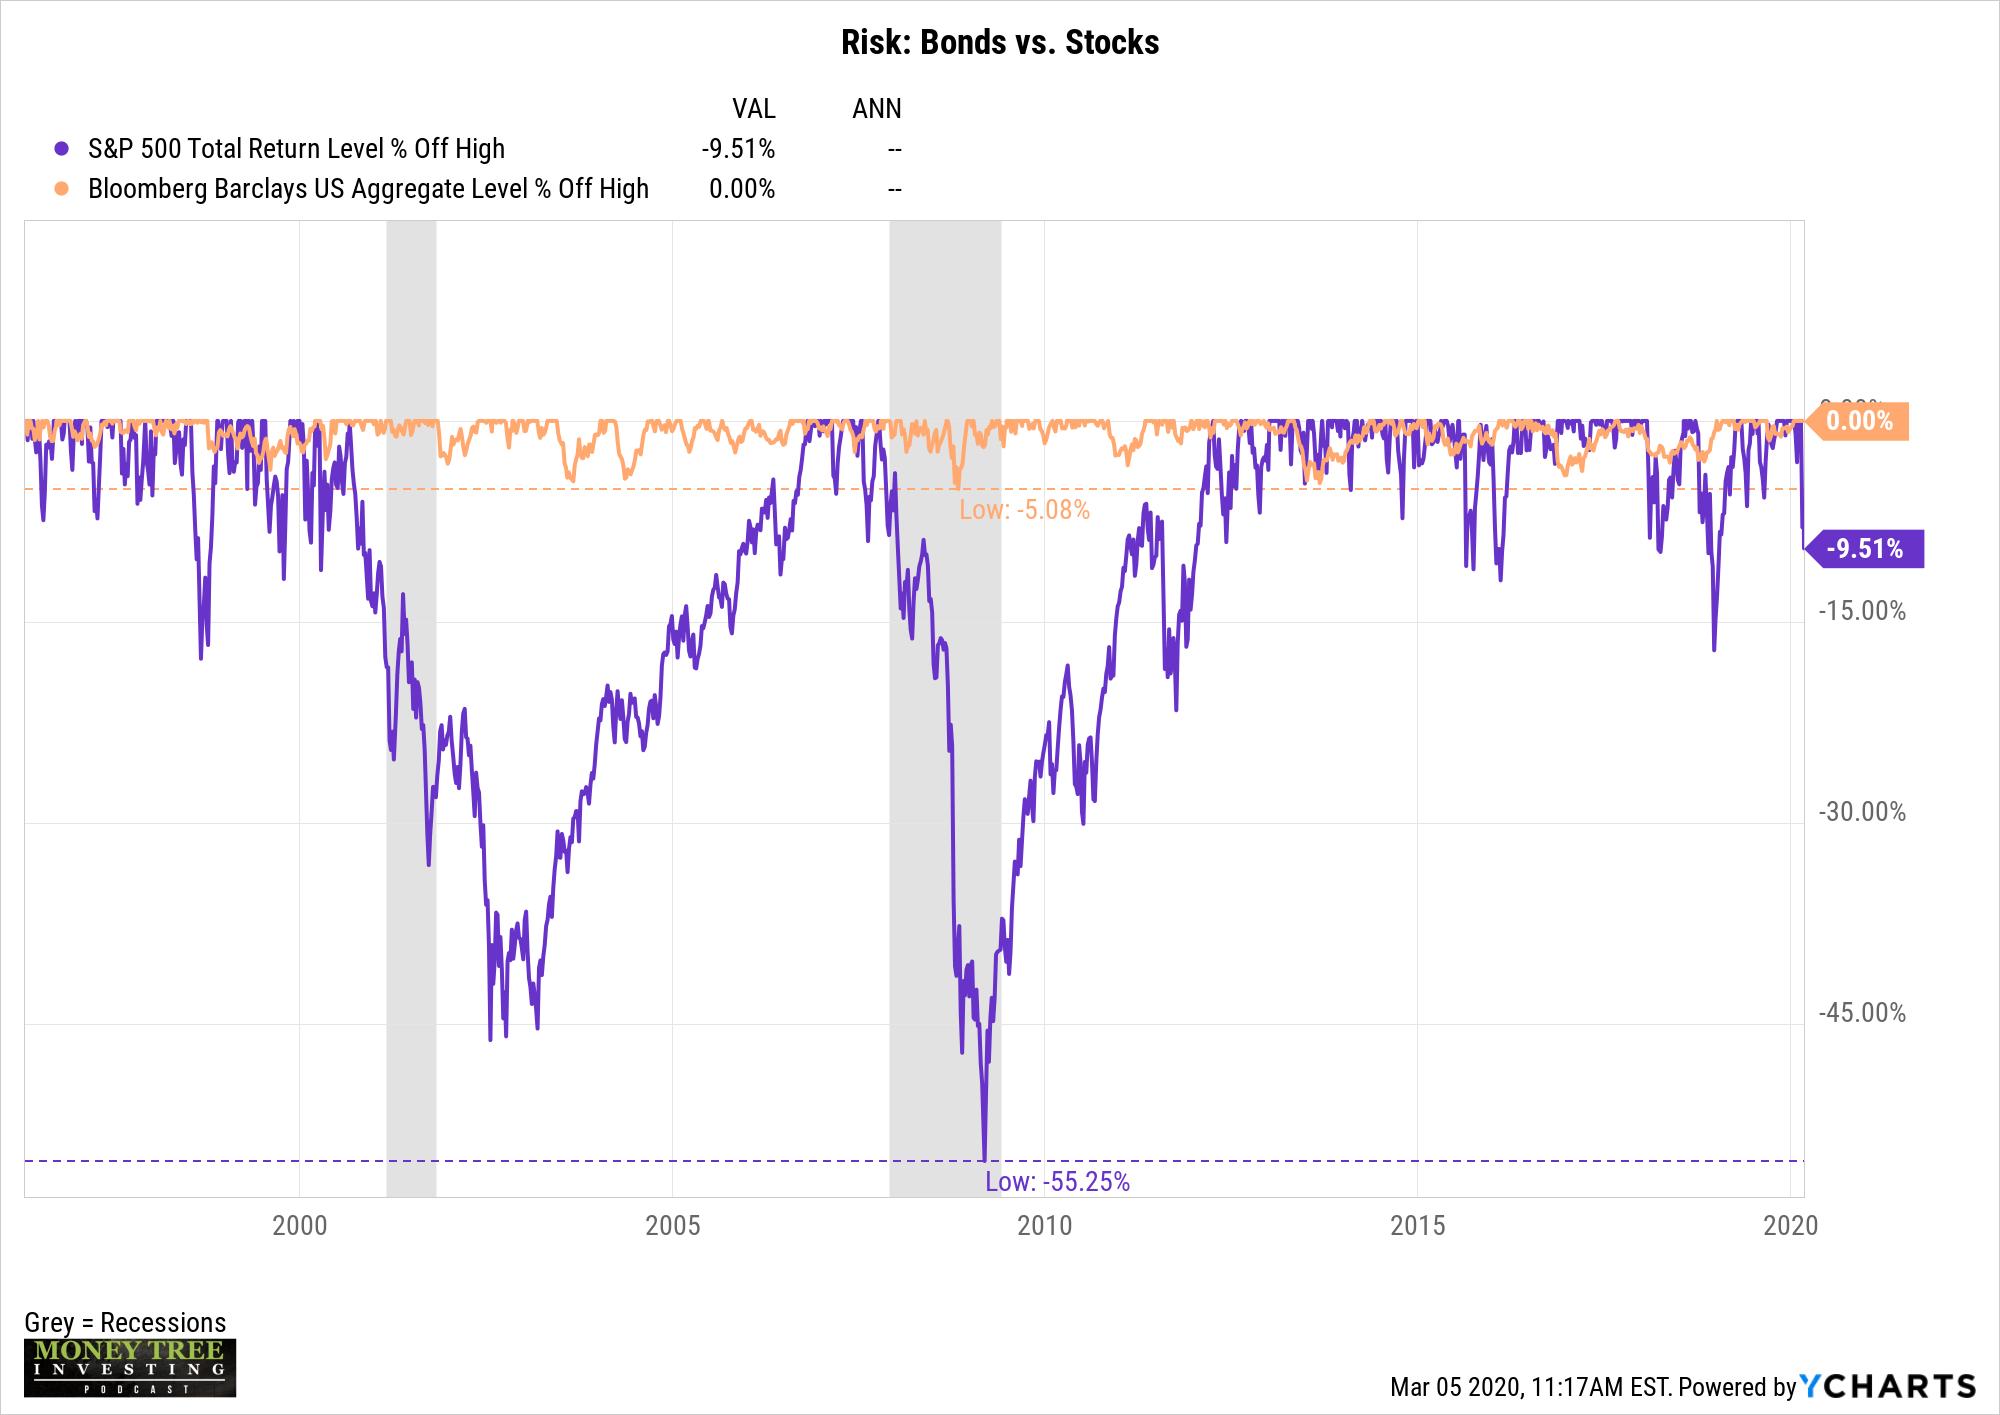 Historical Risk